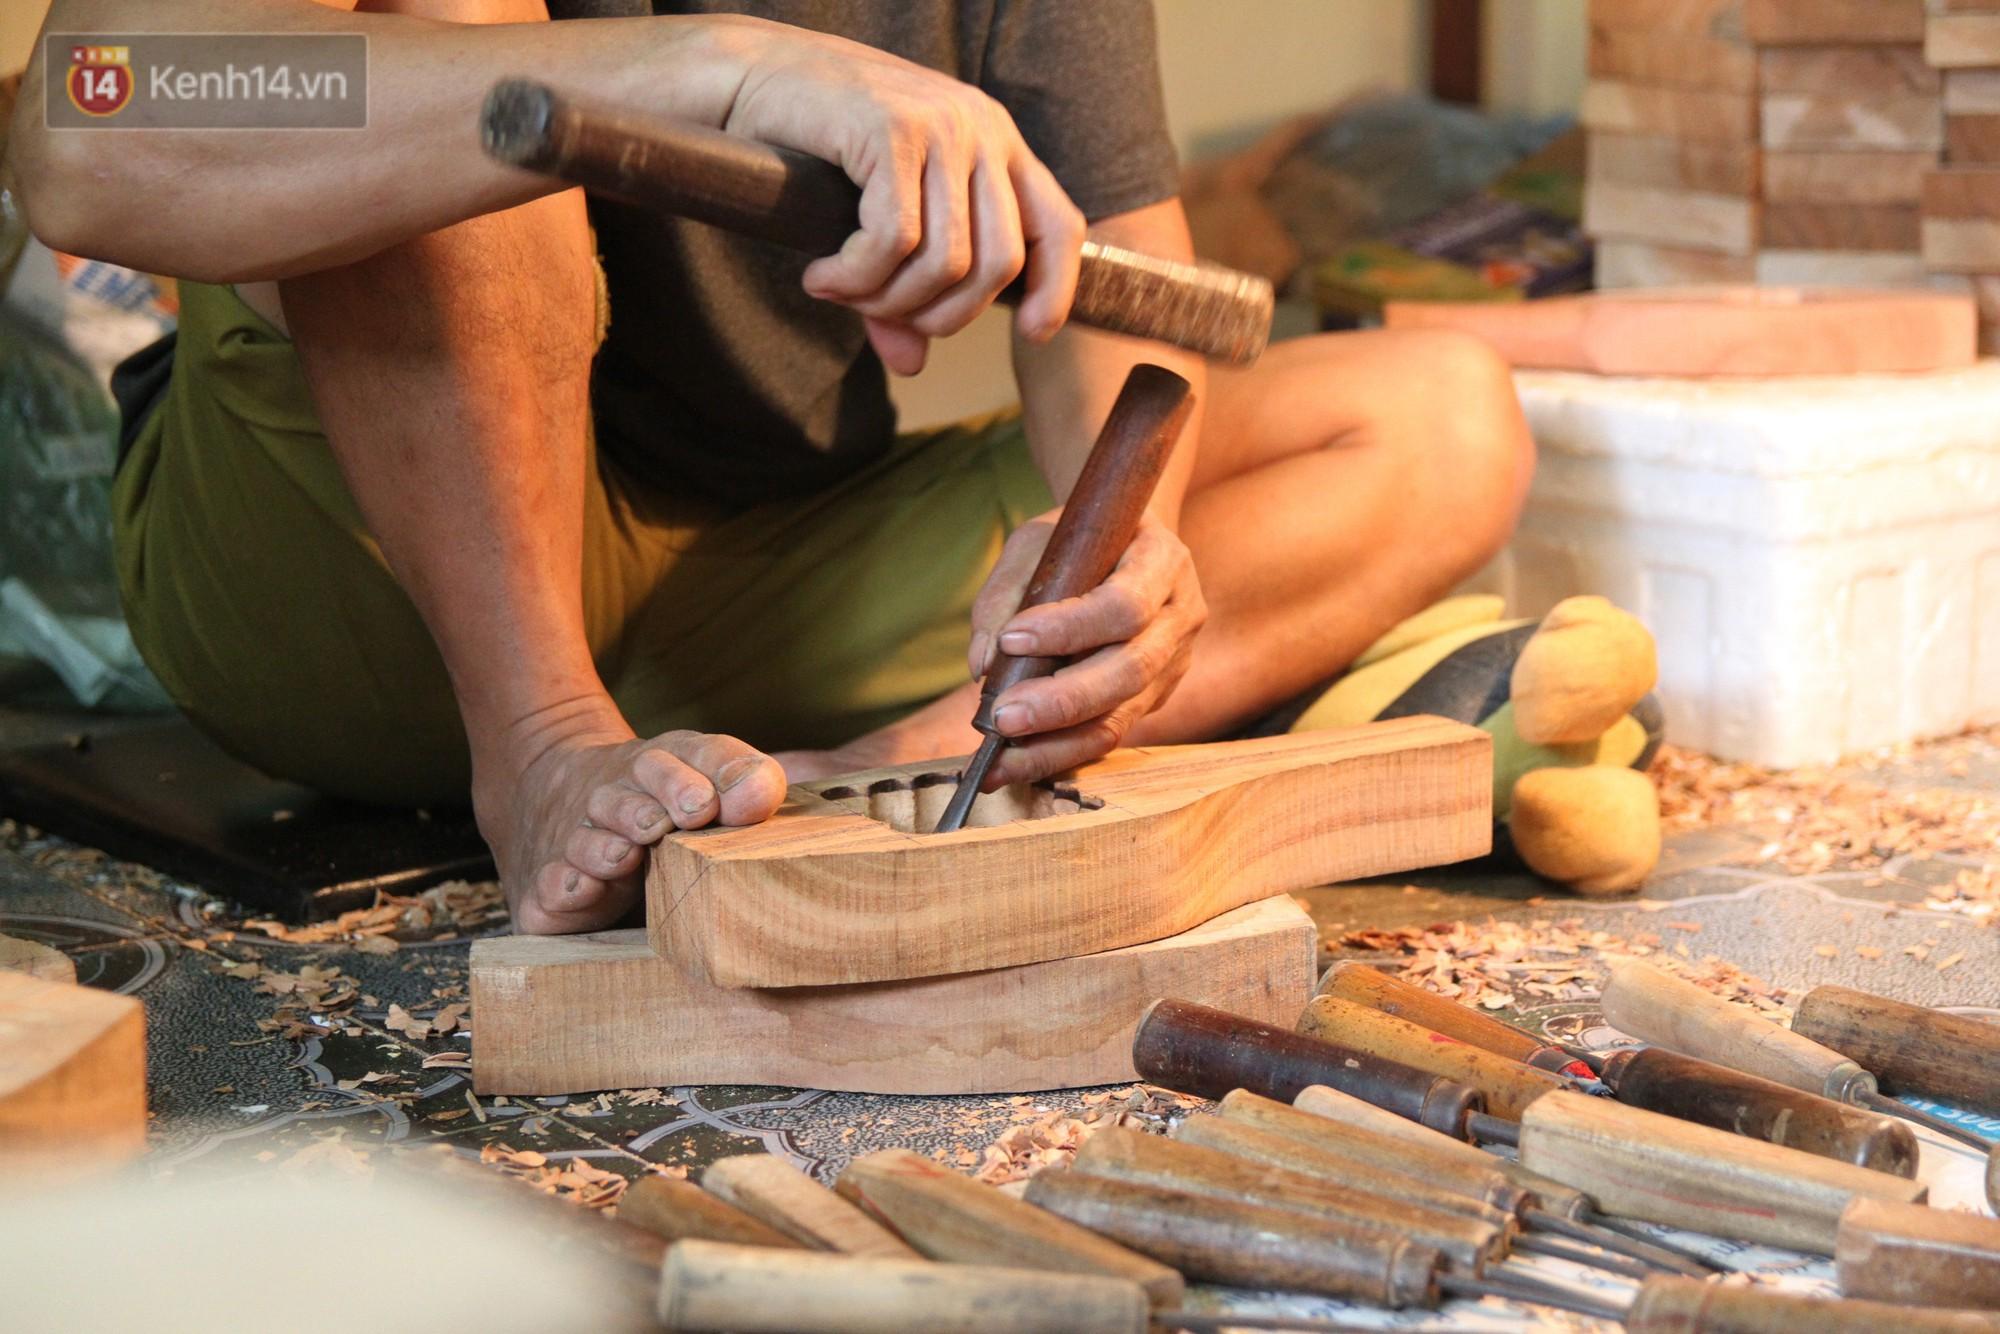 Ghé thăm người đàn ông 35 năm đẽo đục khuôn bánh Trung thu ở Hà Nội: Một khuôn gỗ đắt nhất giá 5 triệu - Ảnh 9.